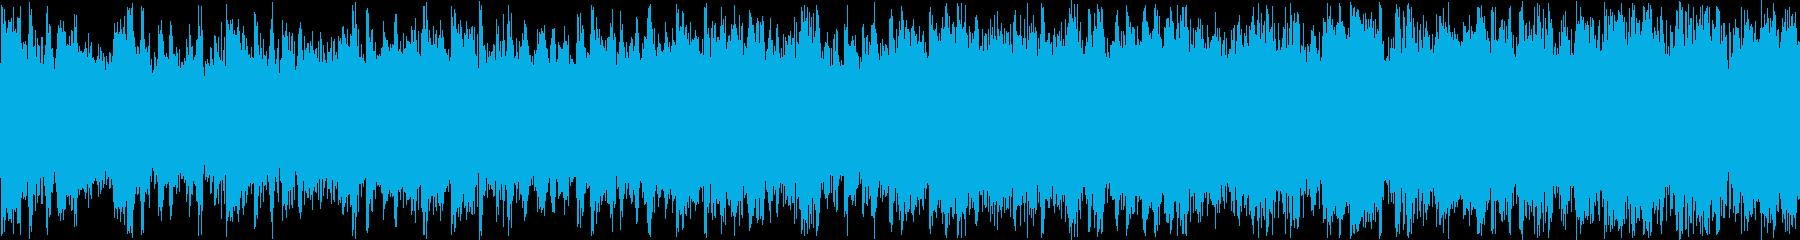 ふわふわ浮いている感・どこか懐かしい音の再生済みの波形